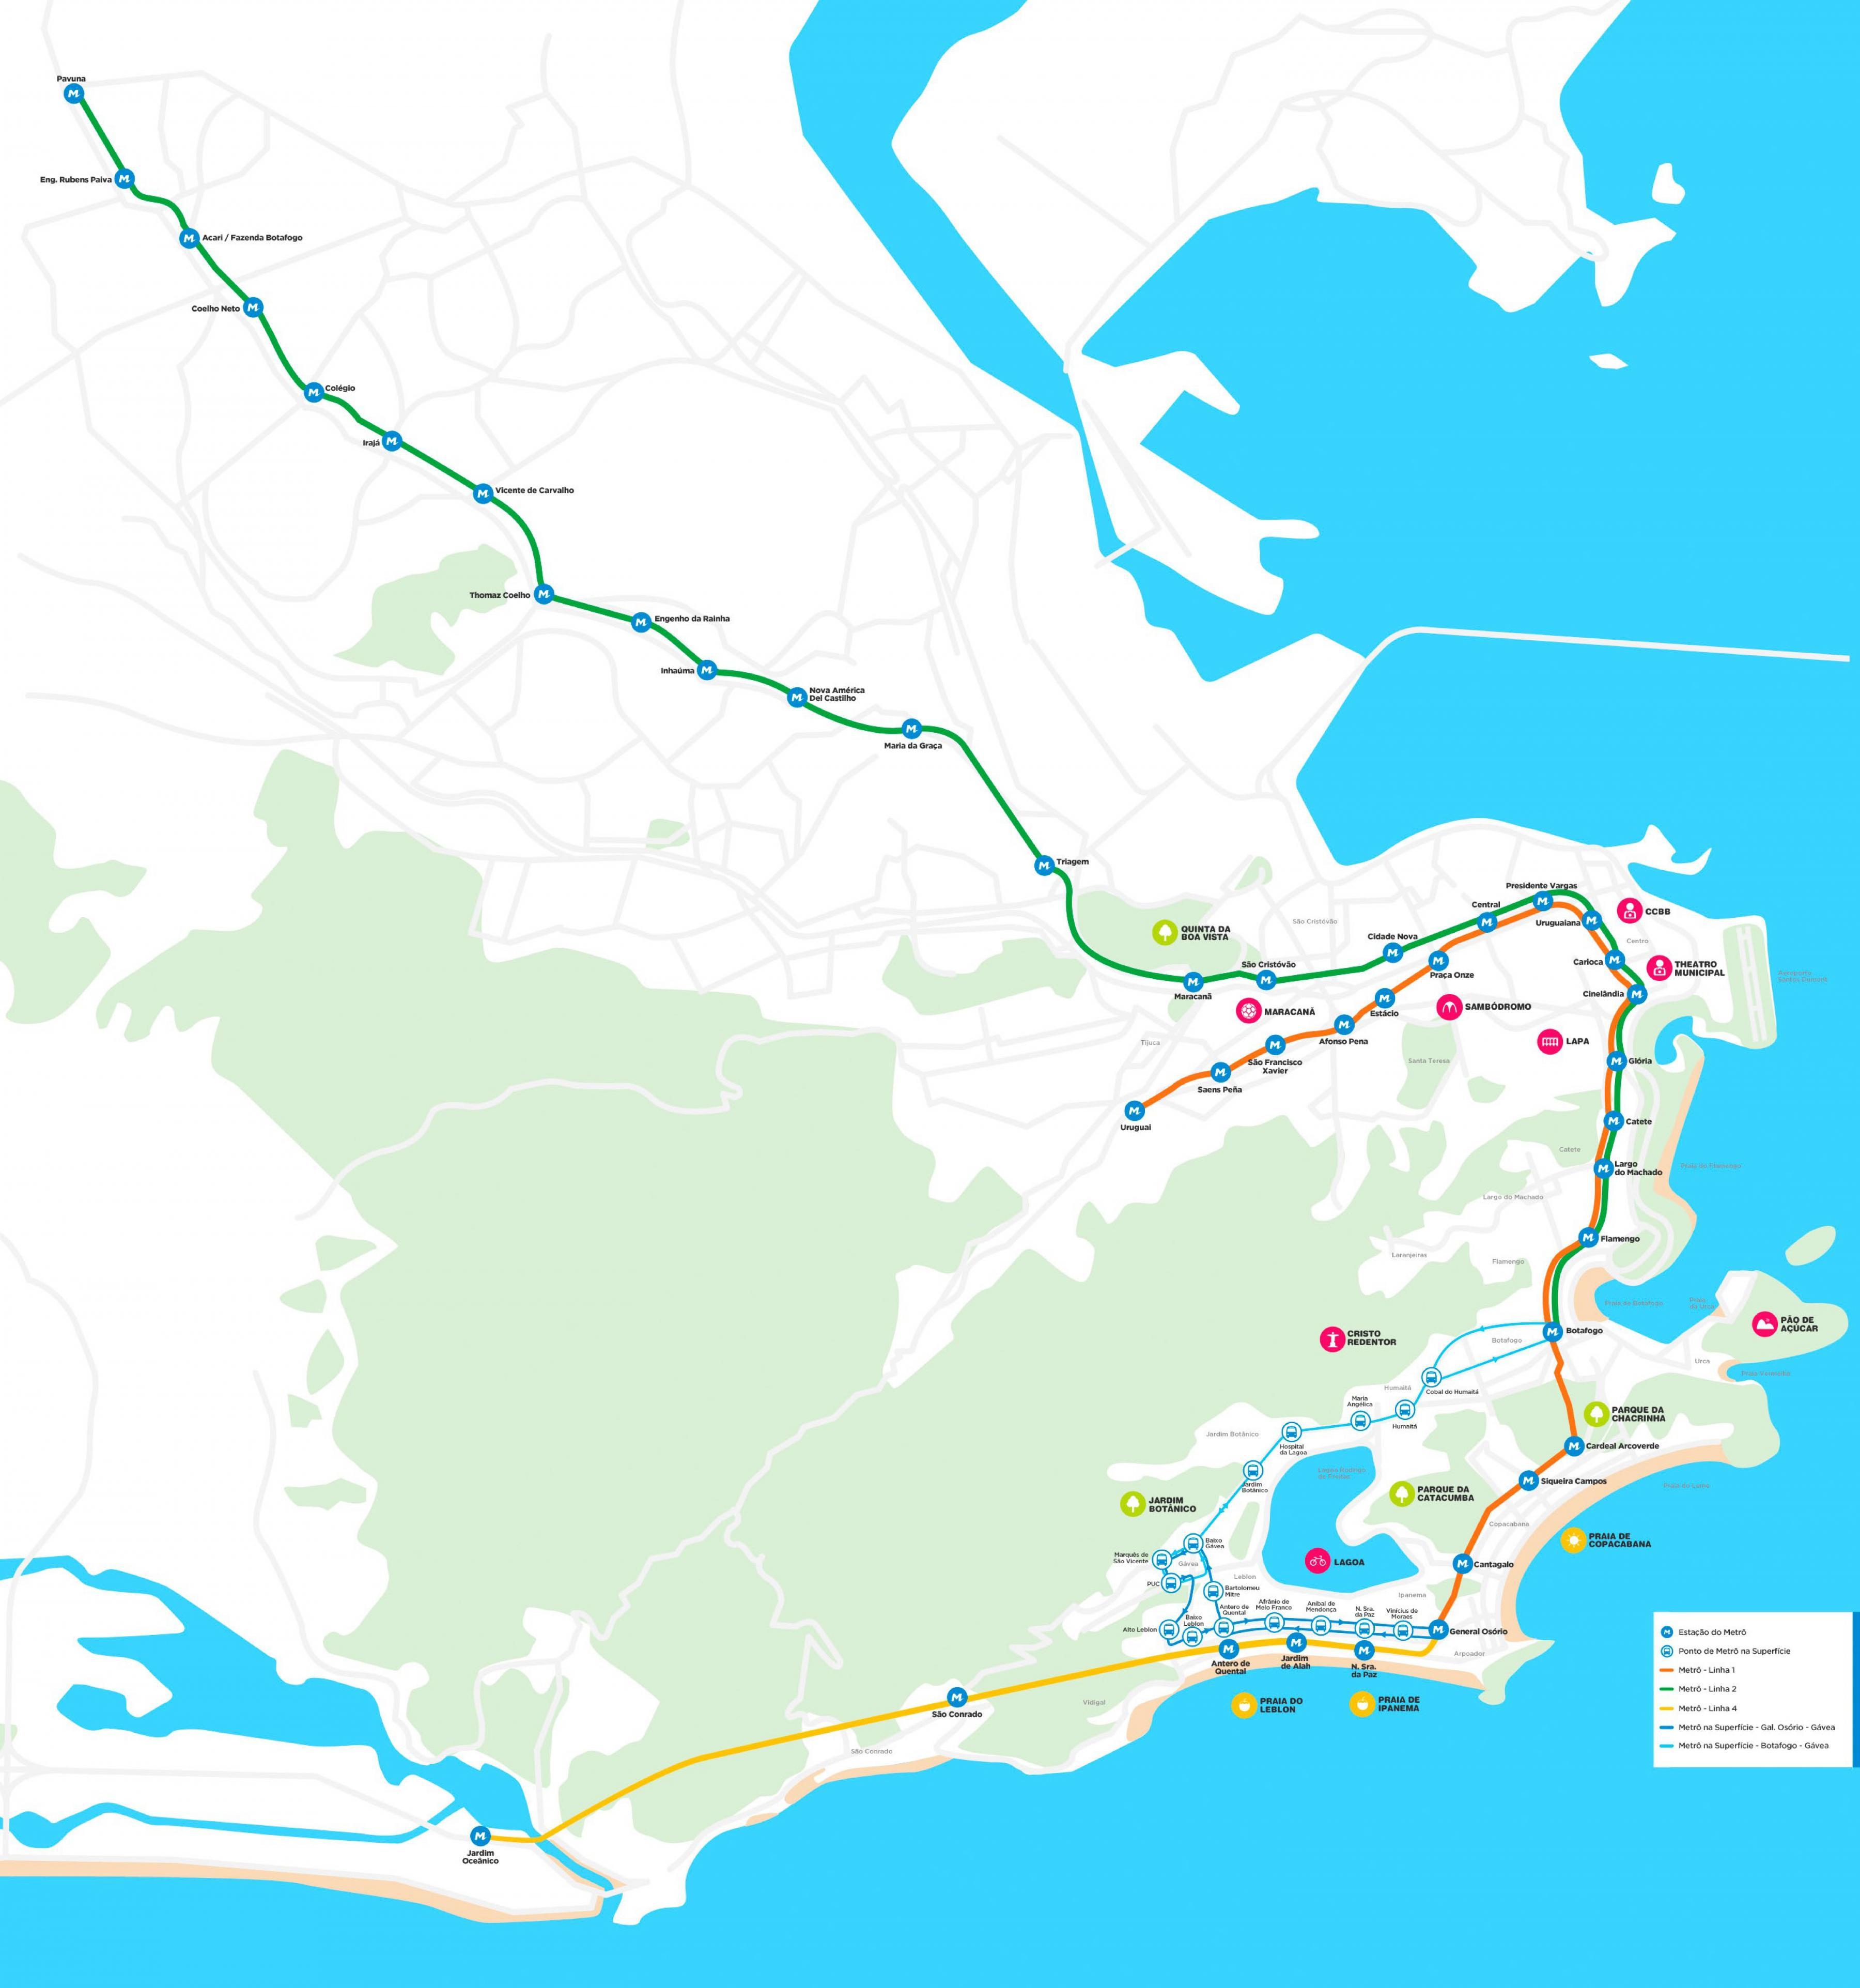 Rio De Janeiro Karte.Metro Rio De Janeiro Karte Karte Der Metro Rio De Janeiro